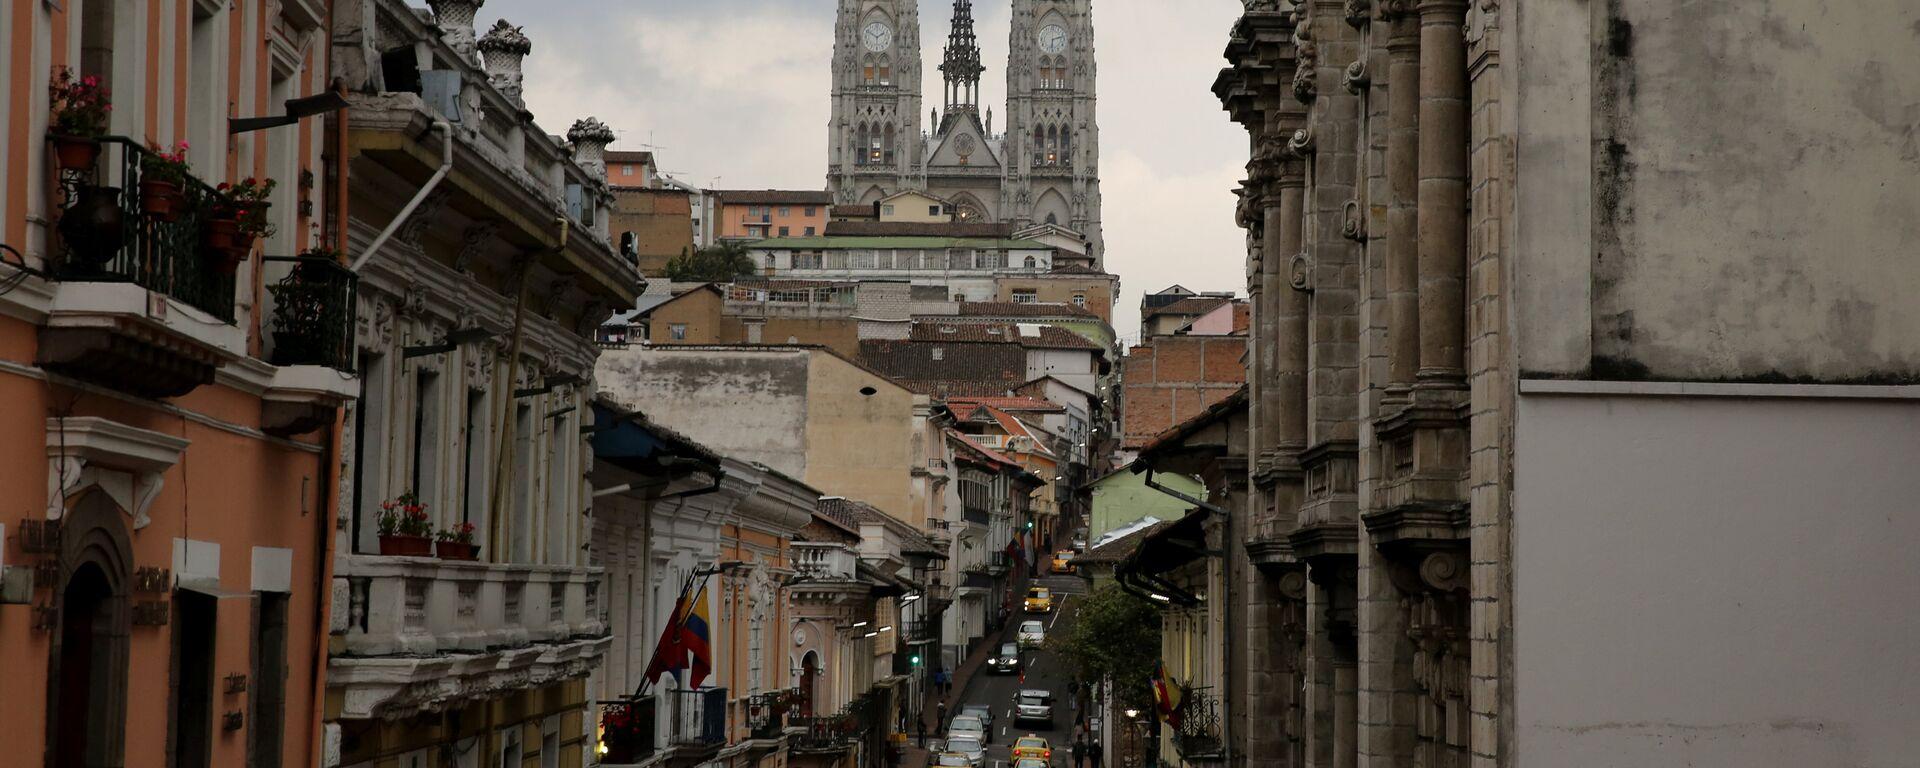 Quito, la capital de Ecuador - Sputnik Mundo, 1920, 16.12.2020